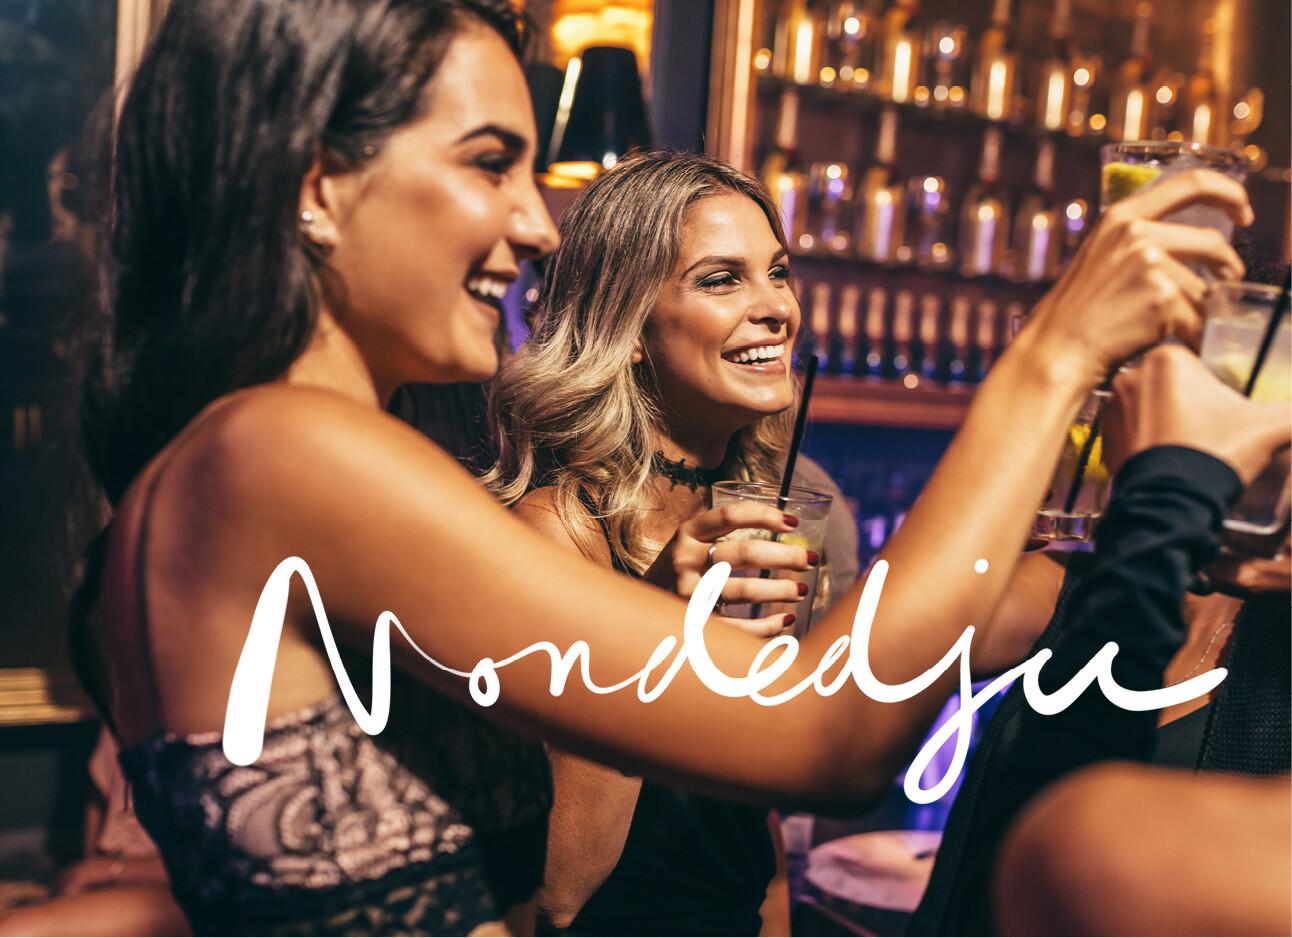 vrouwen met drankjes in een club